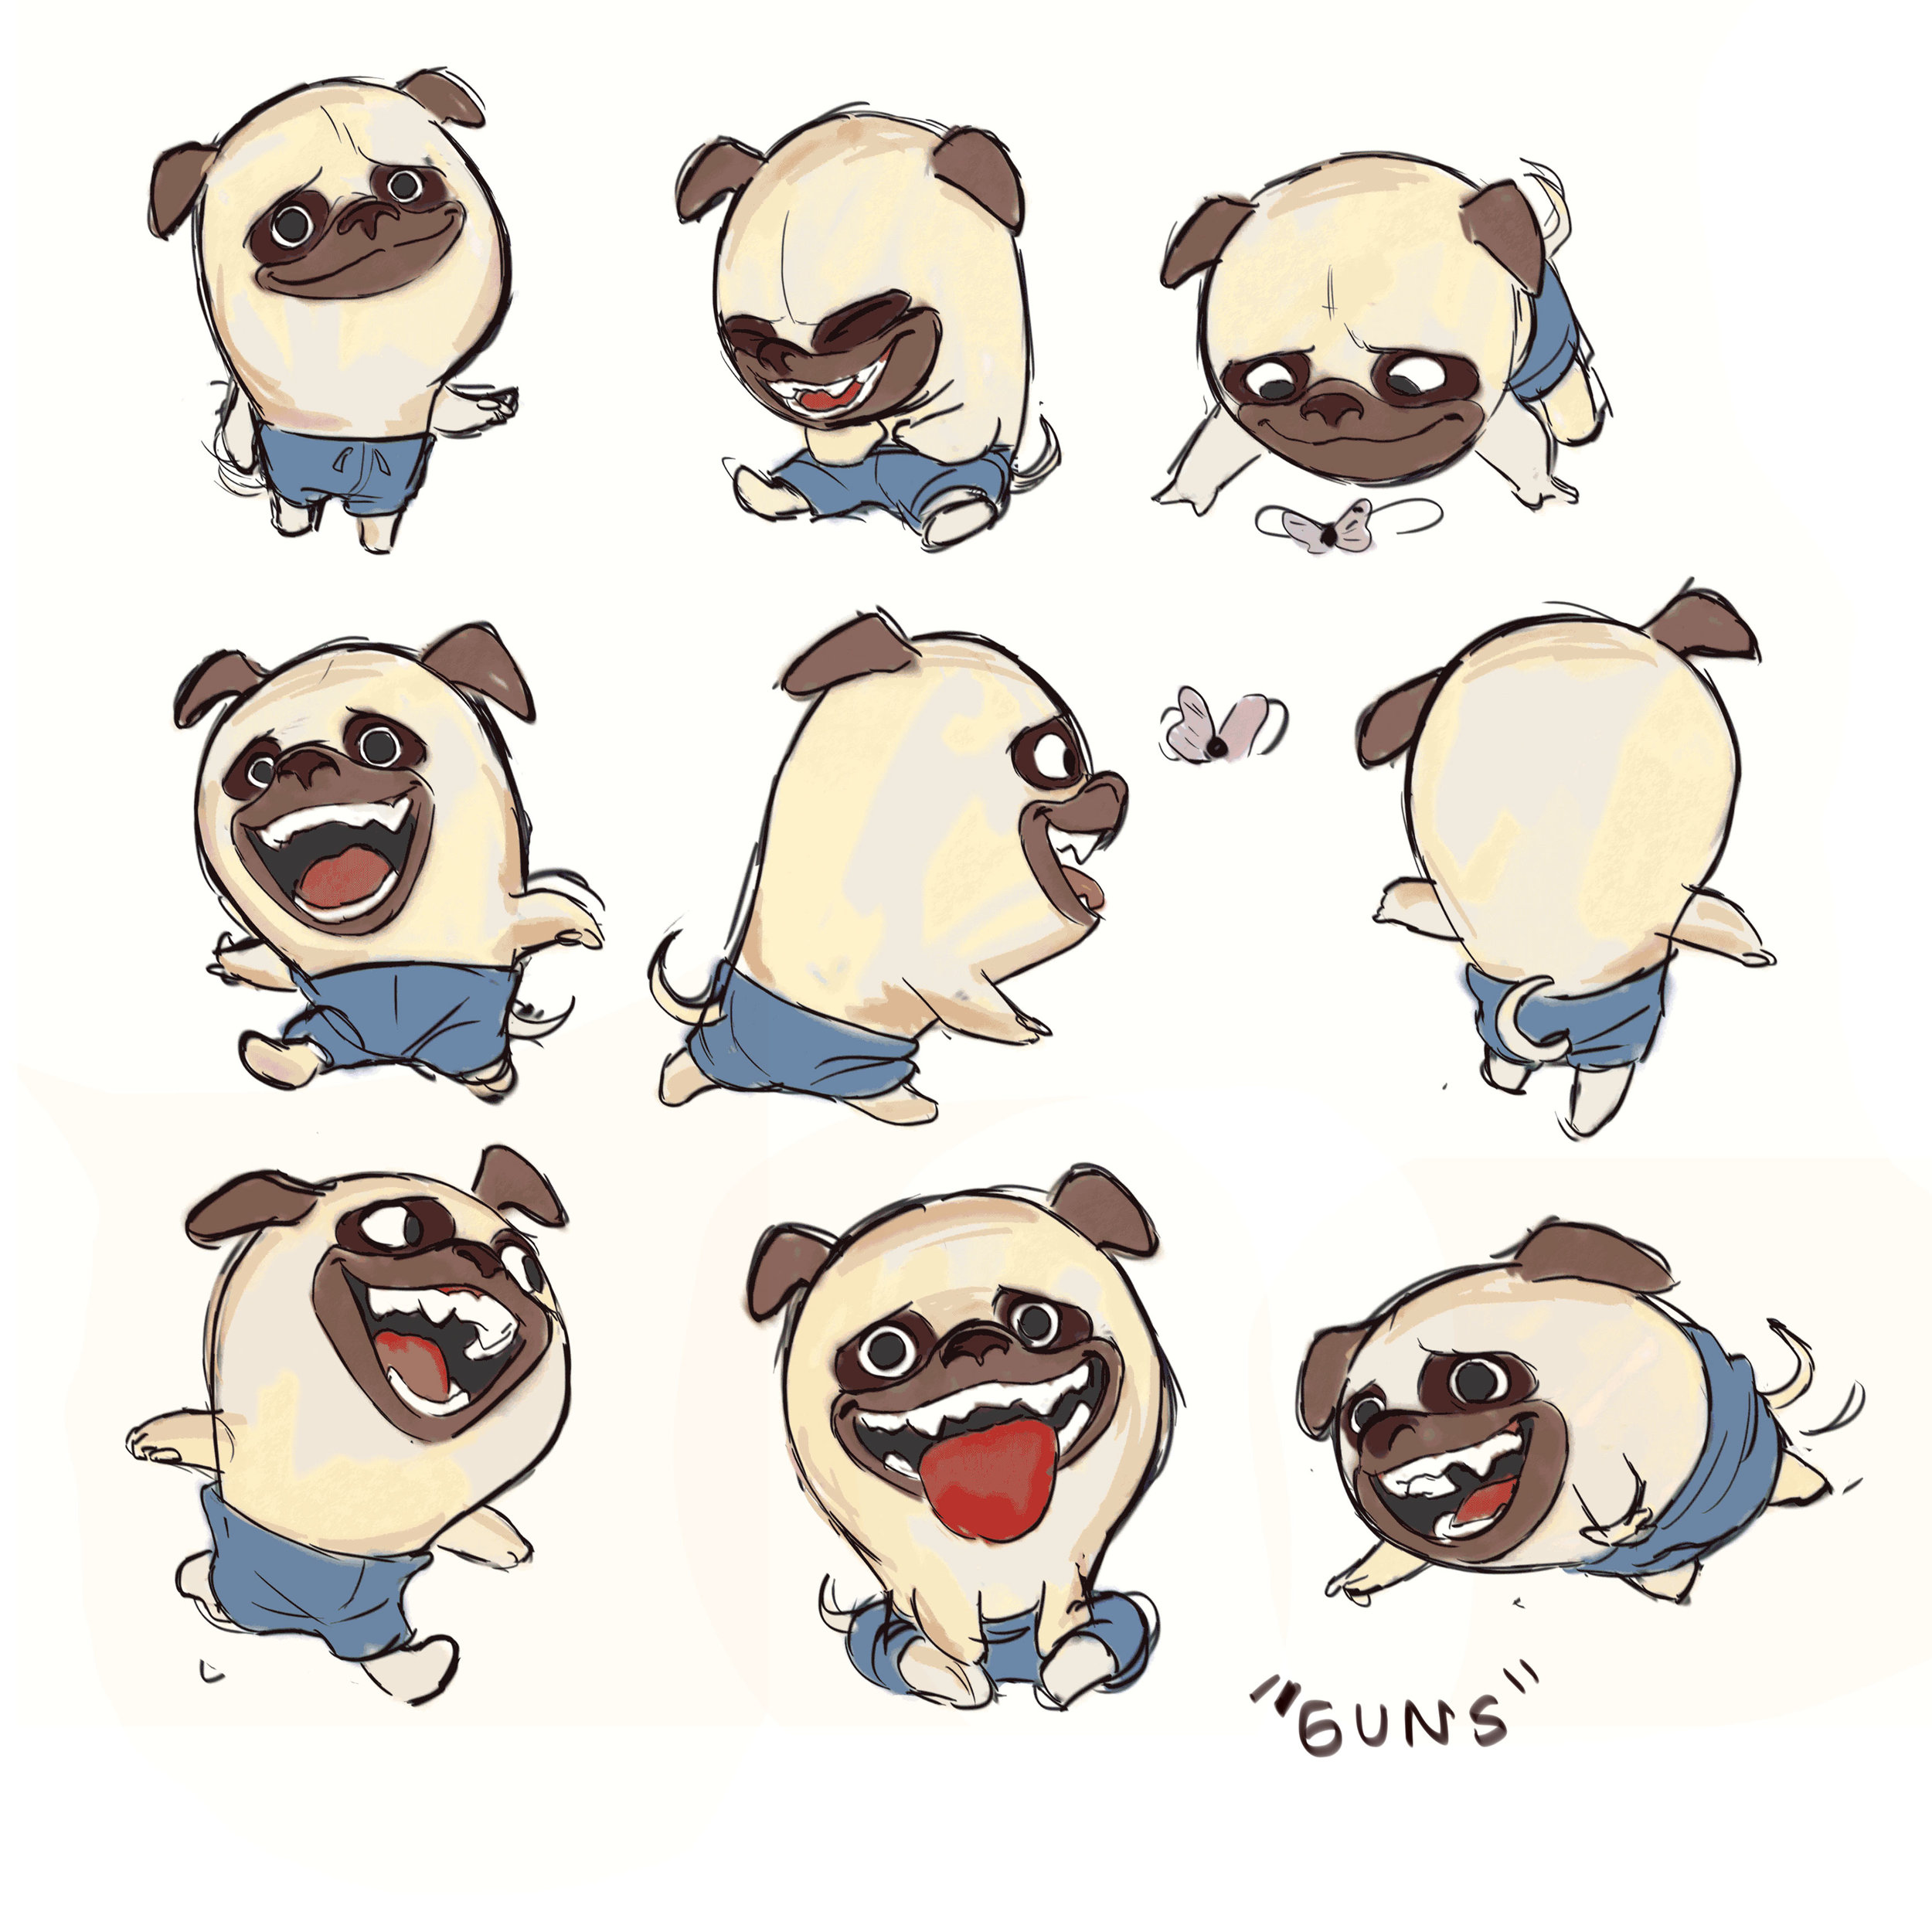 Guns the Pug